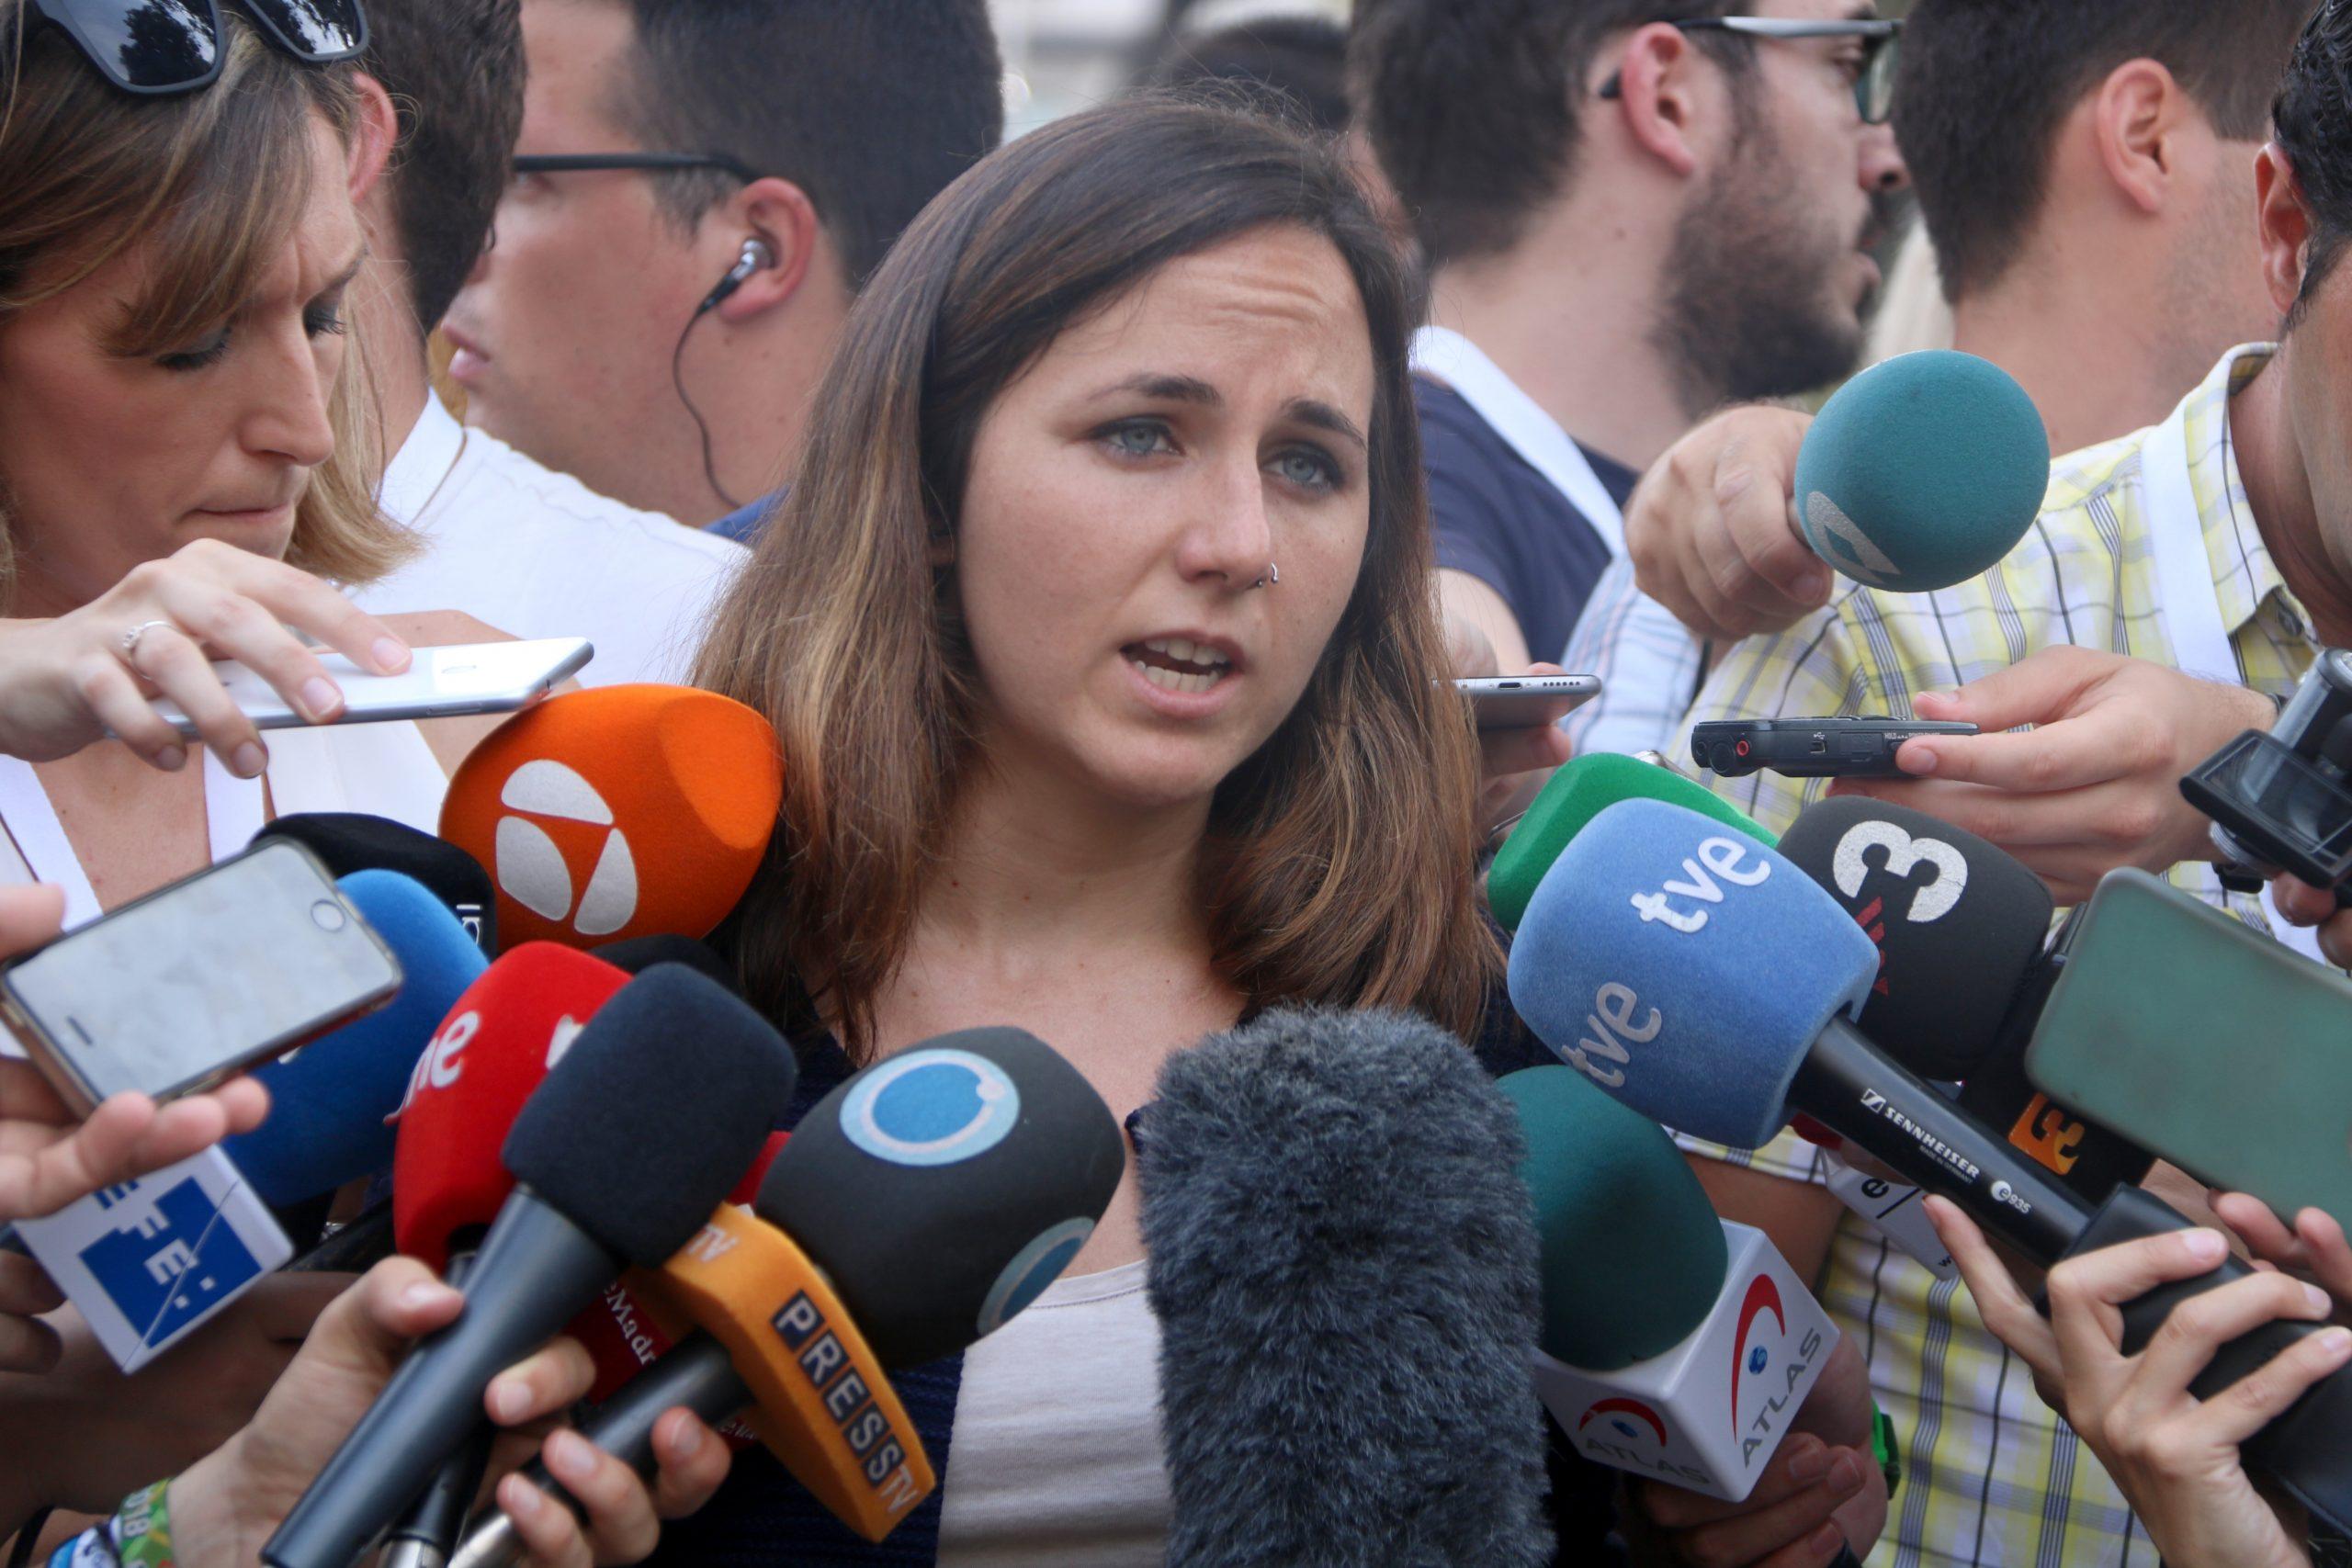 La Ministra de Drets Socials i Agenda 2030, Ione Belarra, en declaracions als mitjans de comunicació (ACN)